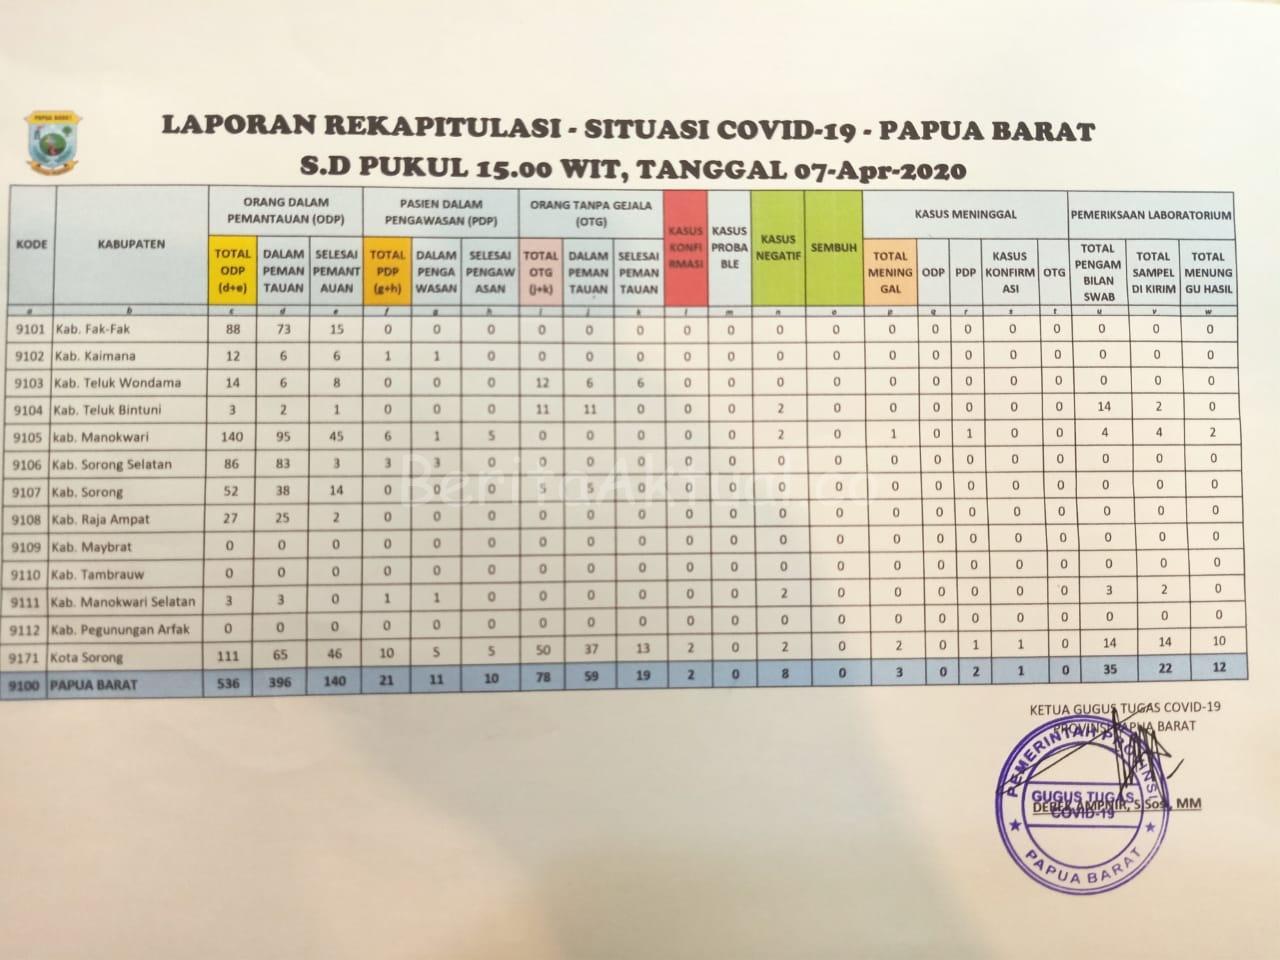 3 Kabupaten di Papua Barat Ini Belum Ada Laporan Masyarakat Berstatus ODP 2 IMG 20200407 WA0035